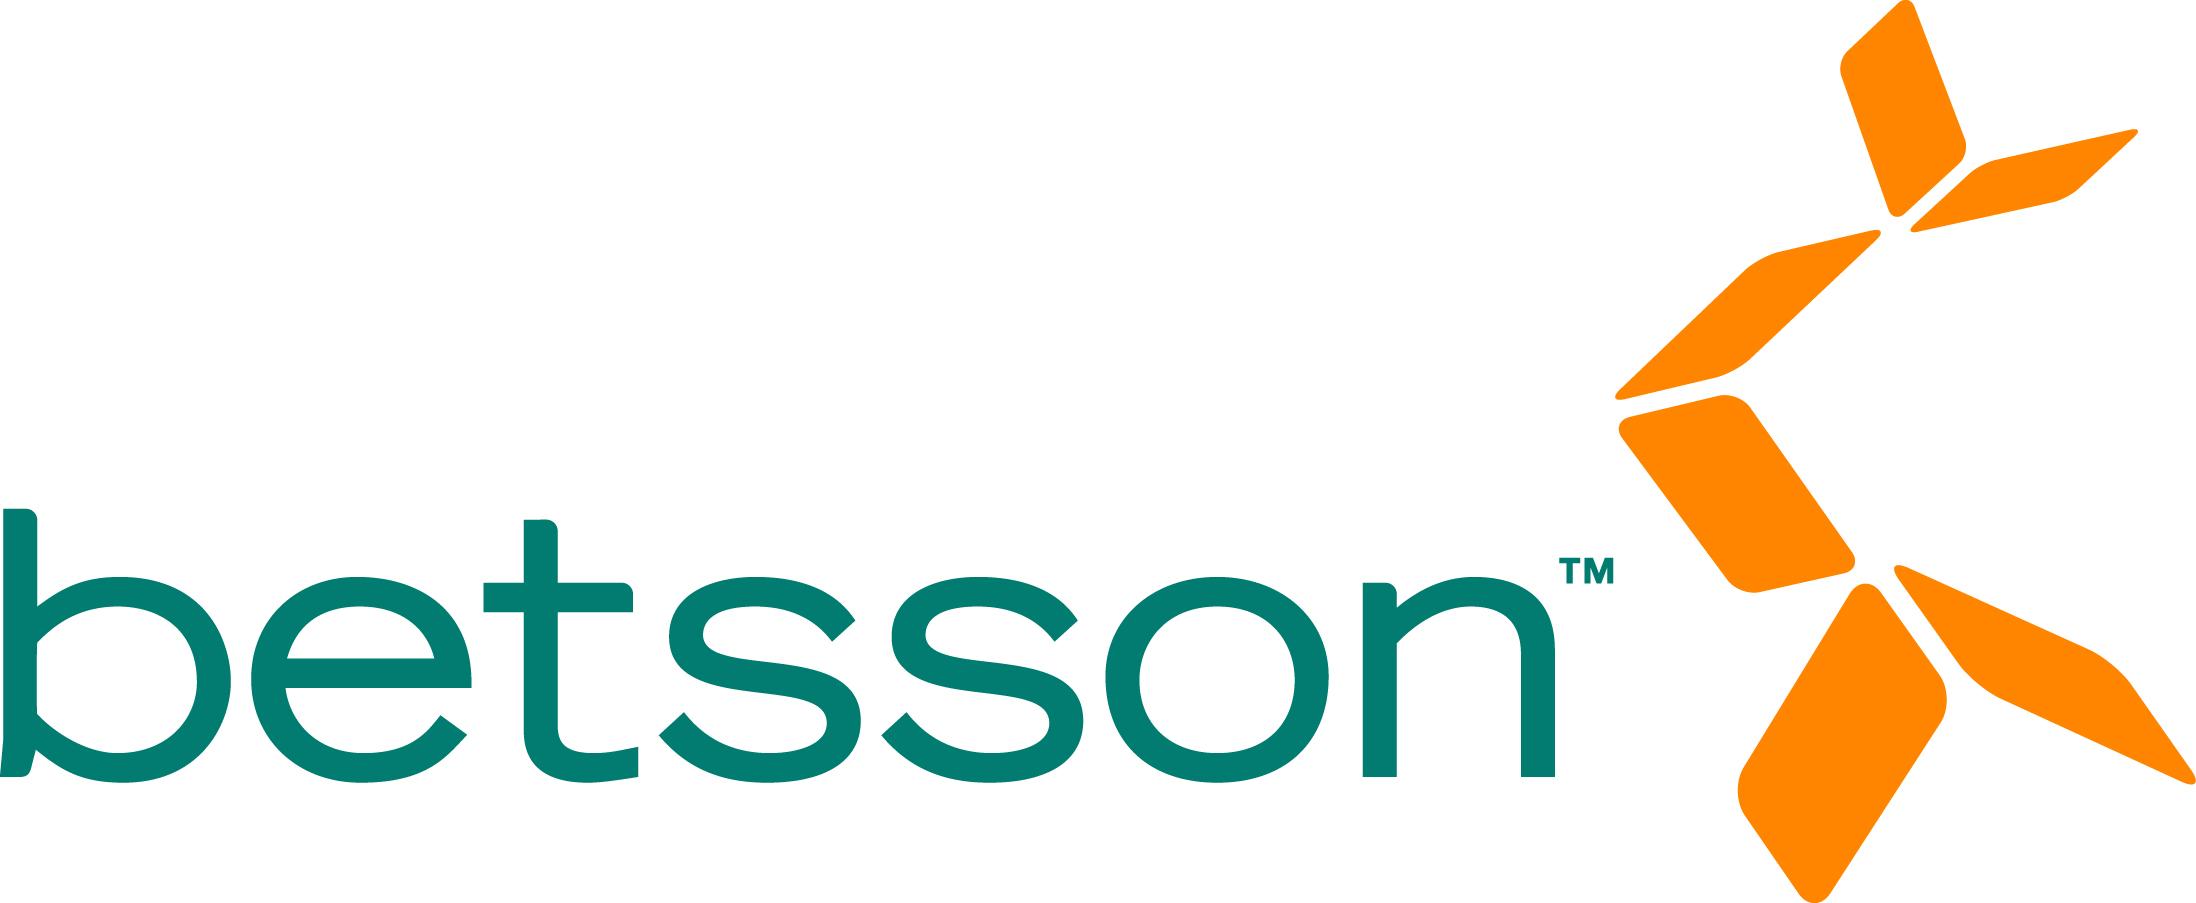 Betsson startet mit neuer Mobile Sportwetten App durch